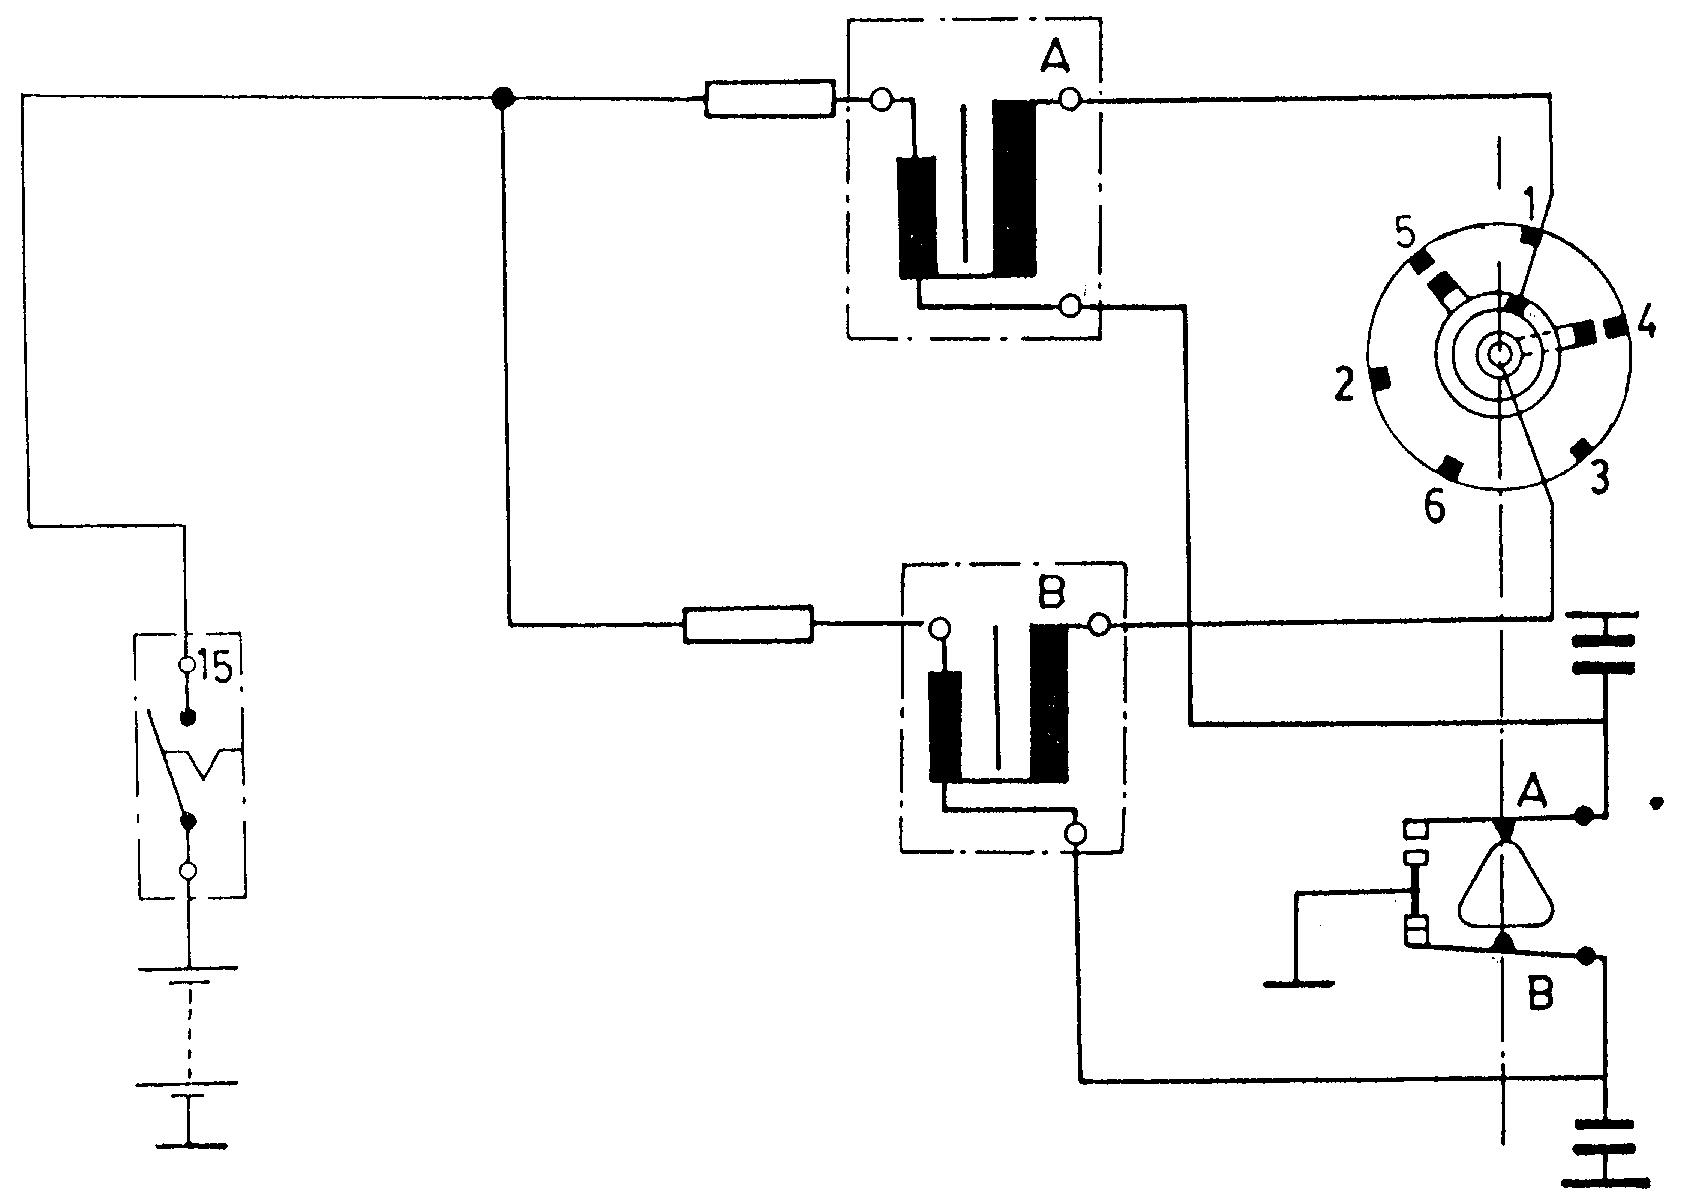 Gambar Wering Diagram Sistem Penerangan Sepeda Motor Honda Terbaik